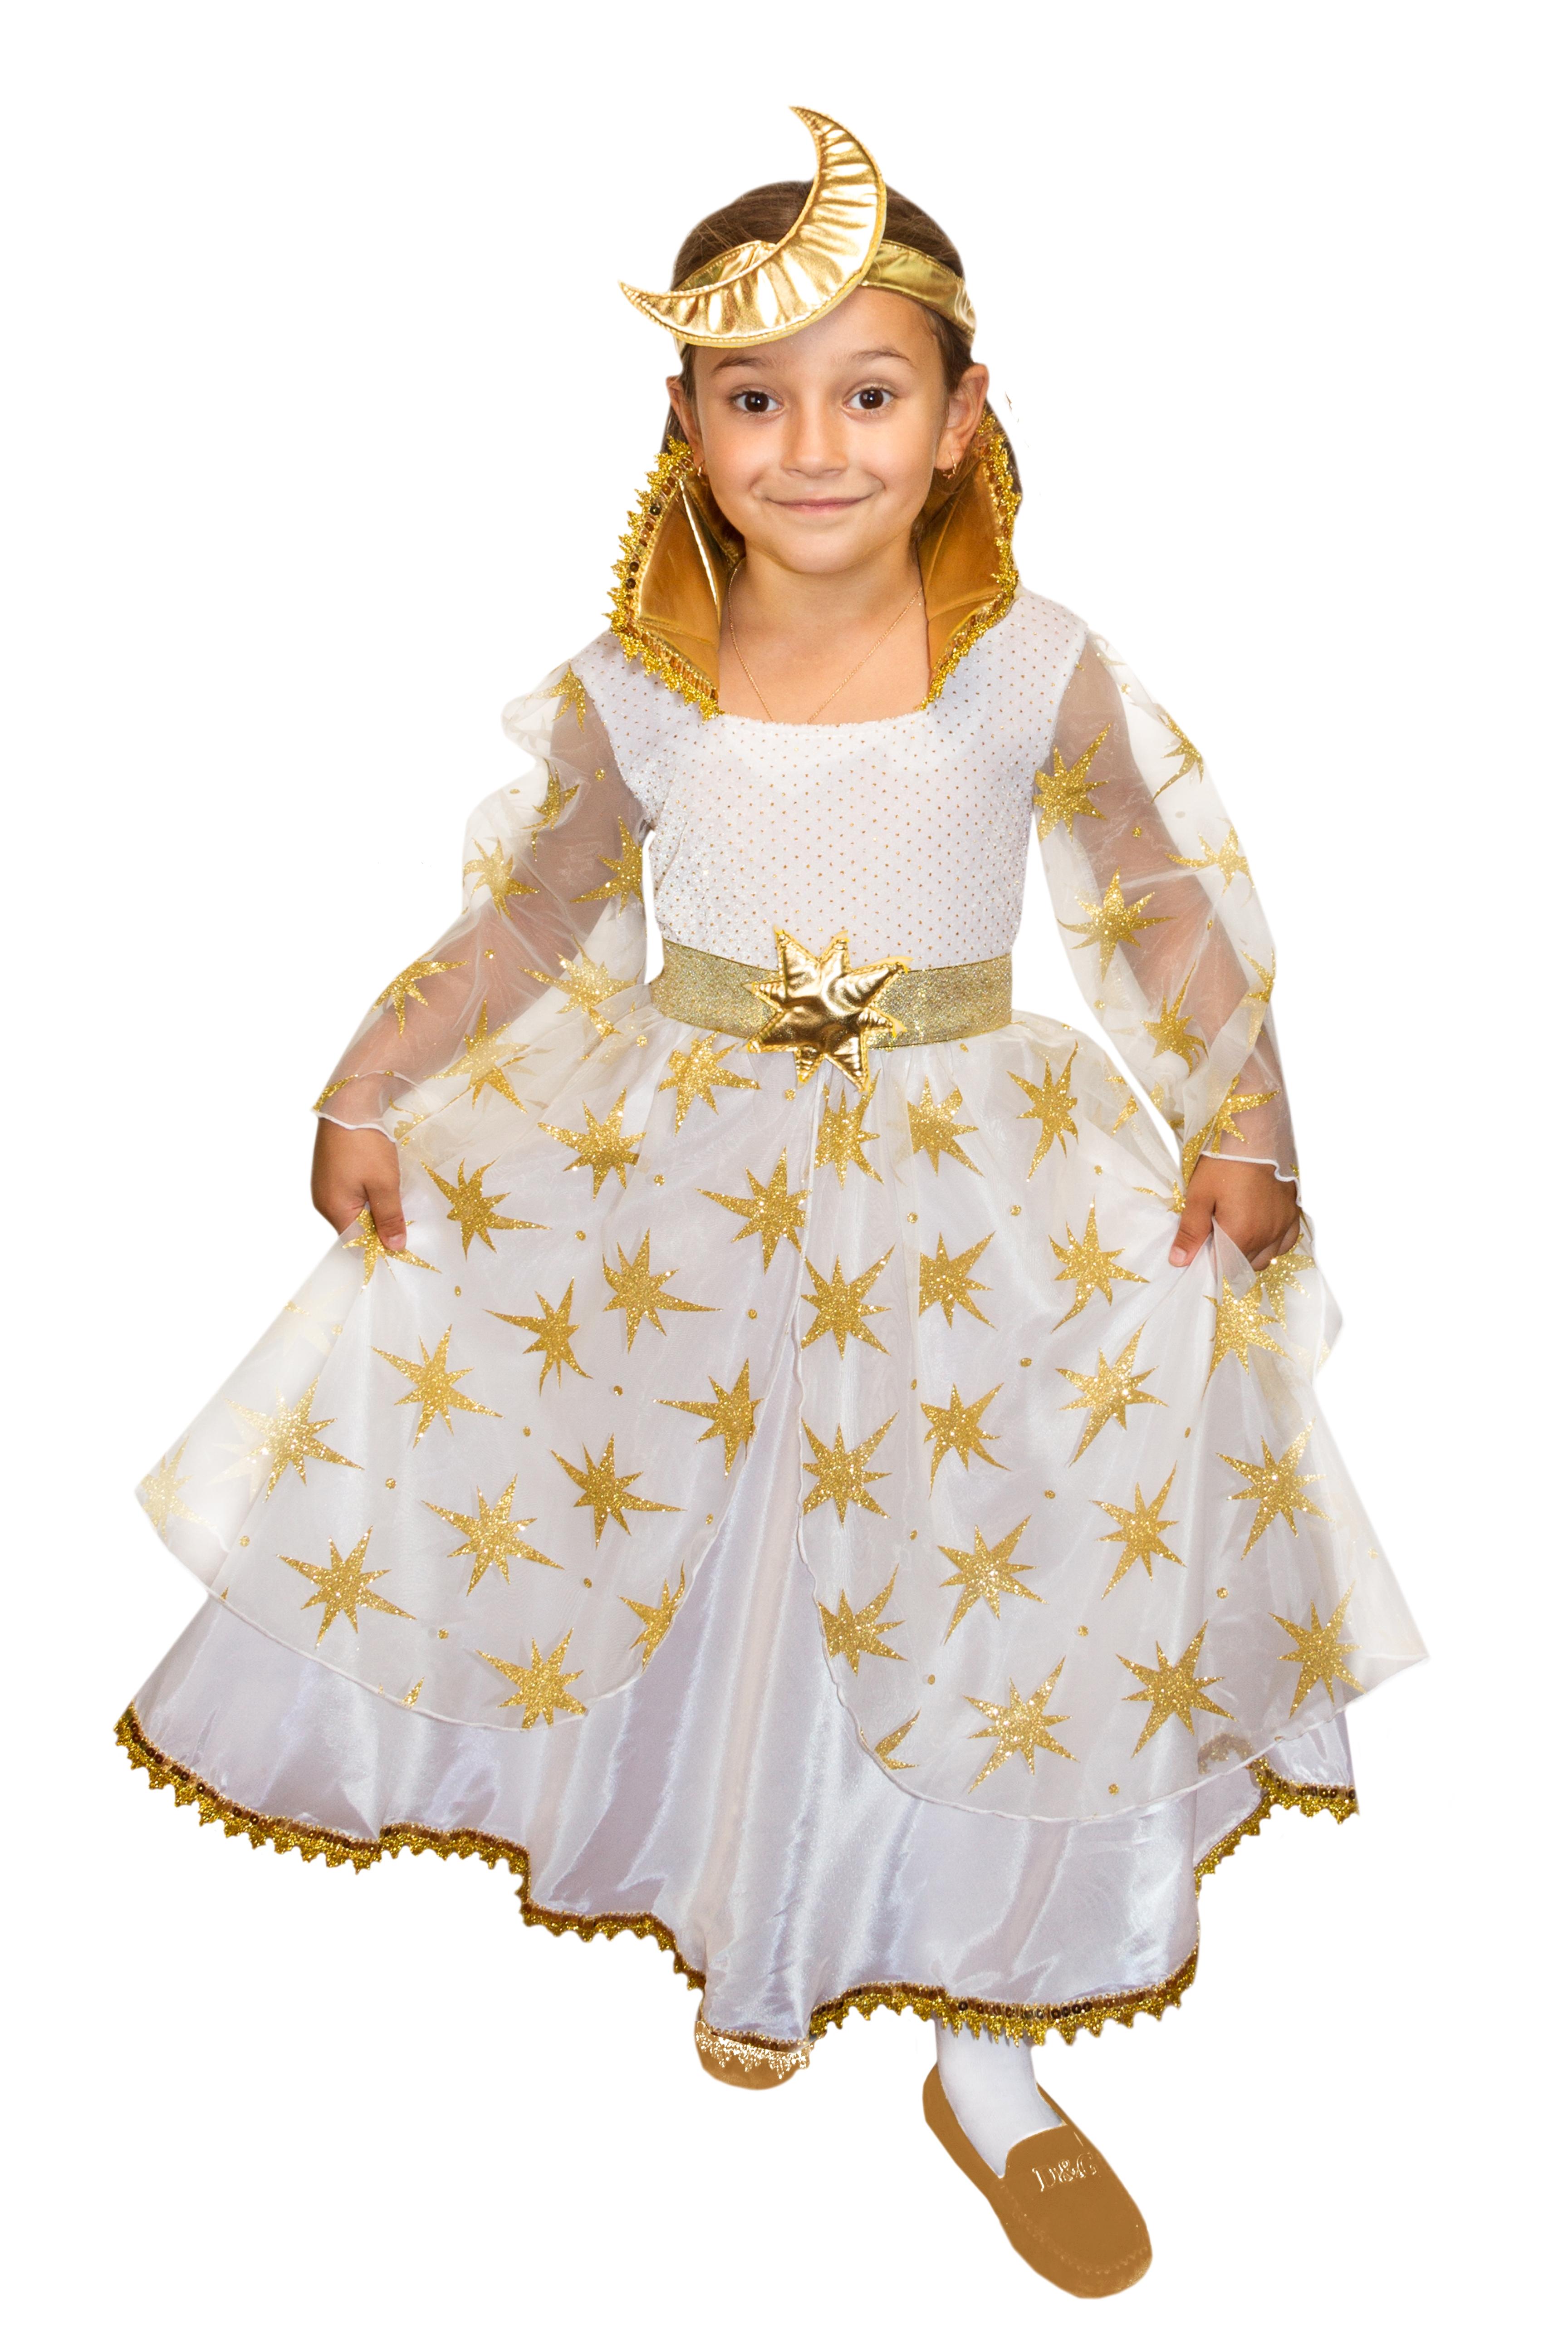 цены на Детский костюм Золотой Феи Ночи (32) в интернет-магазинах